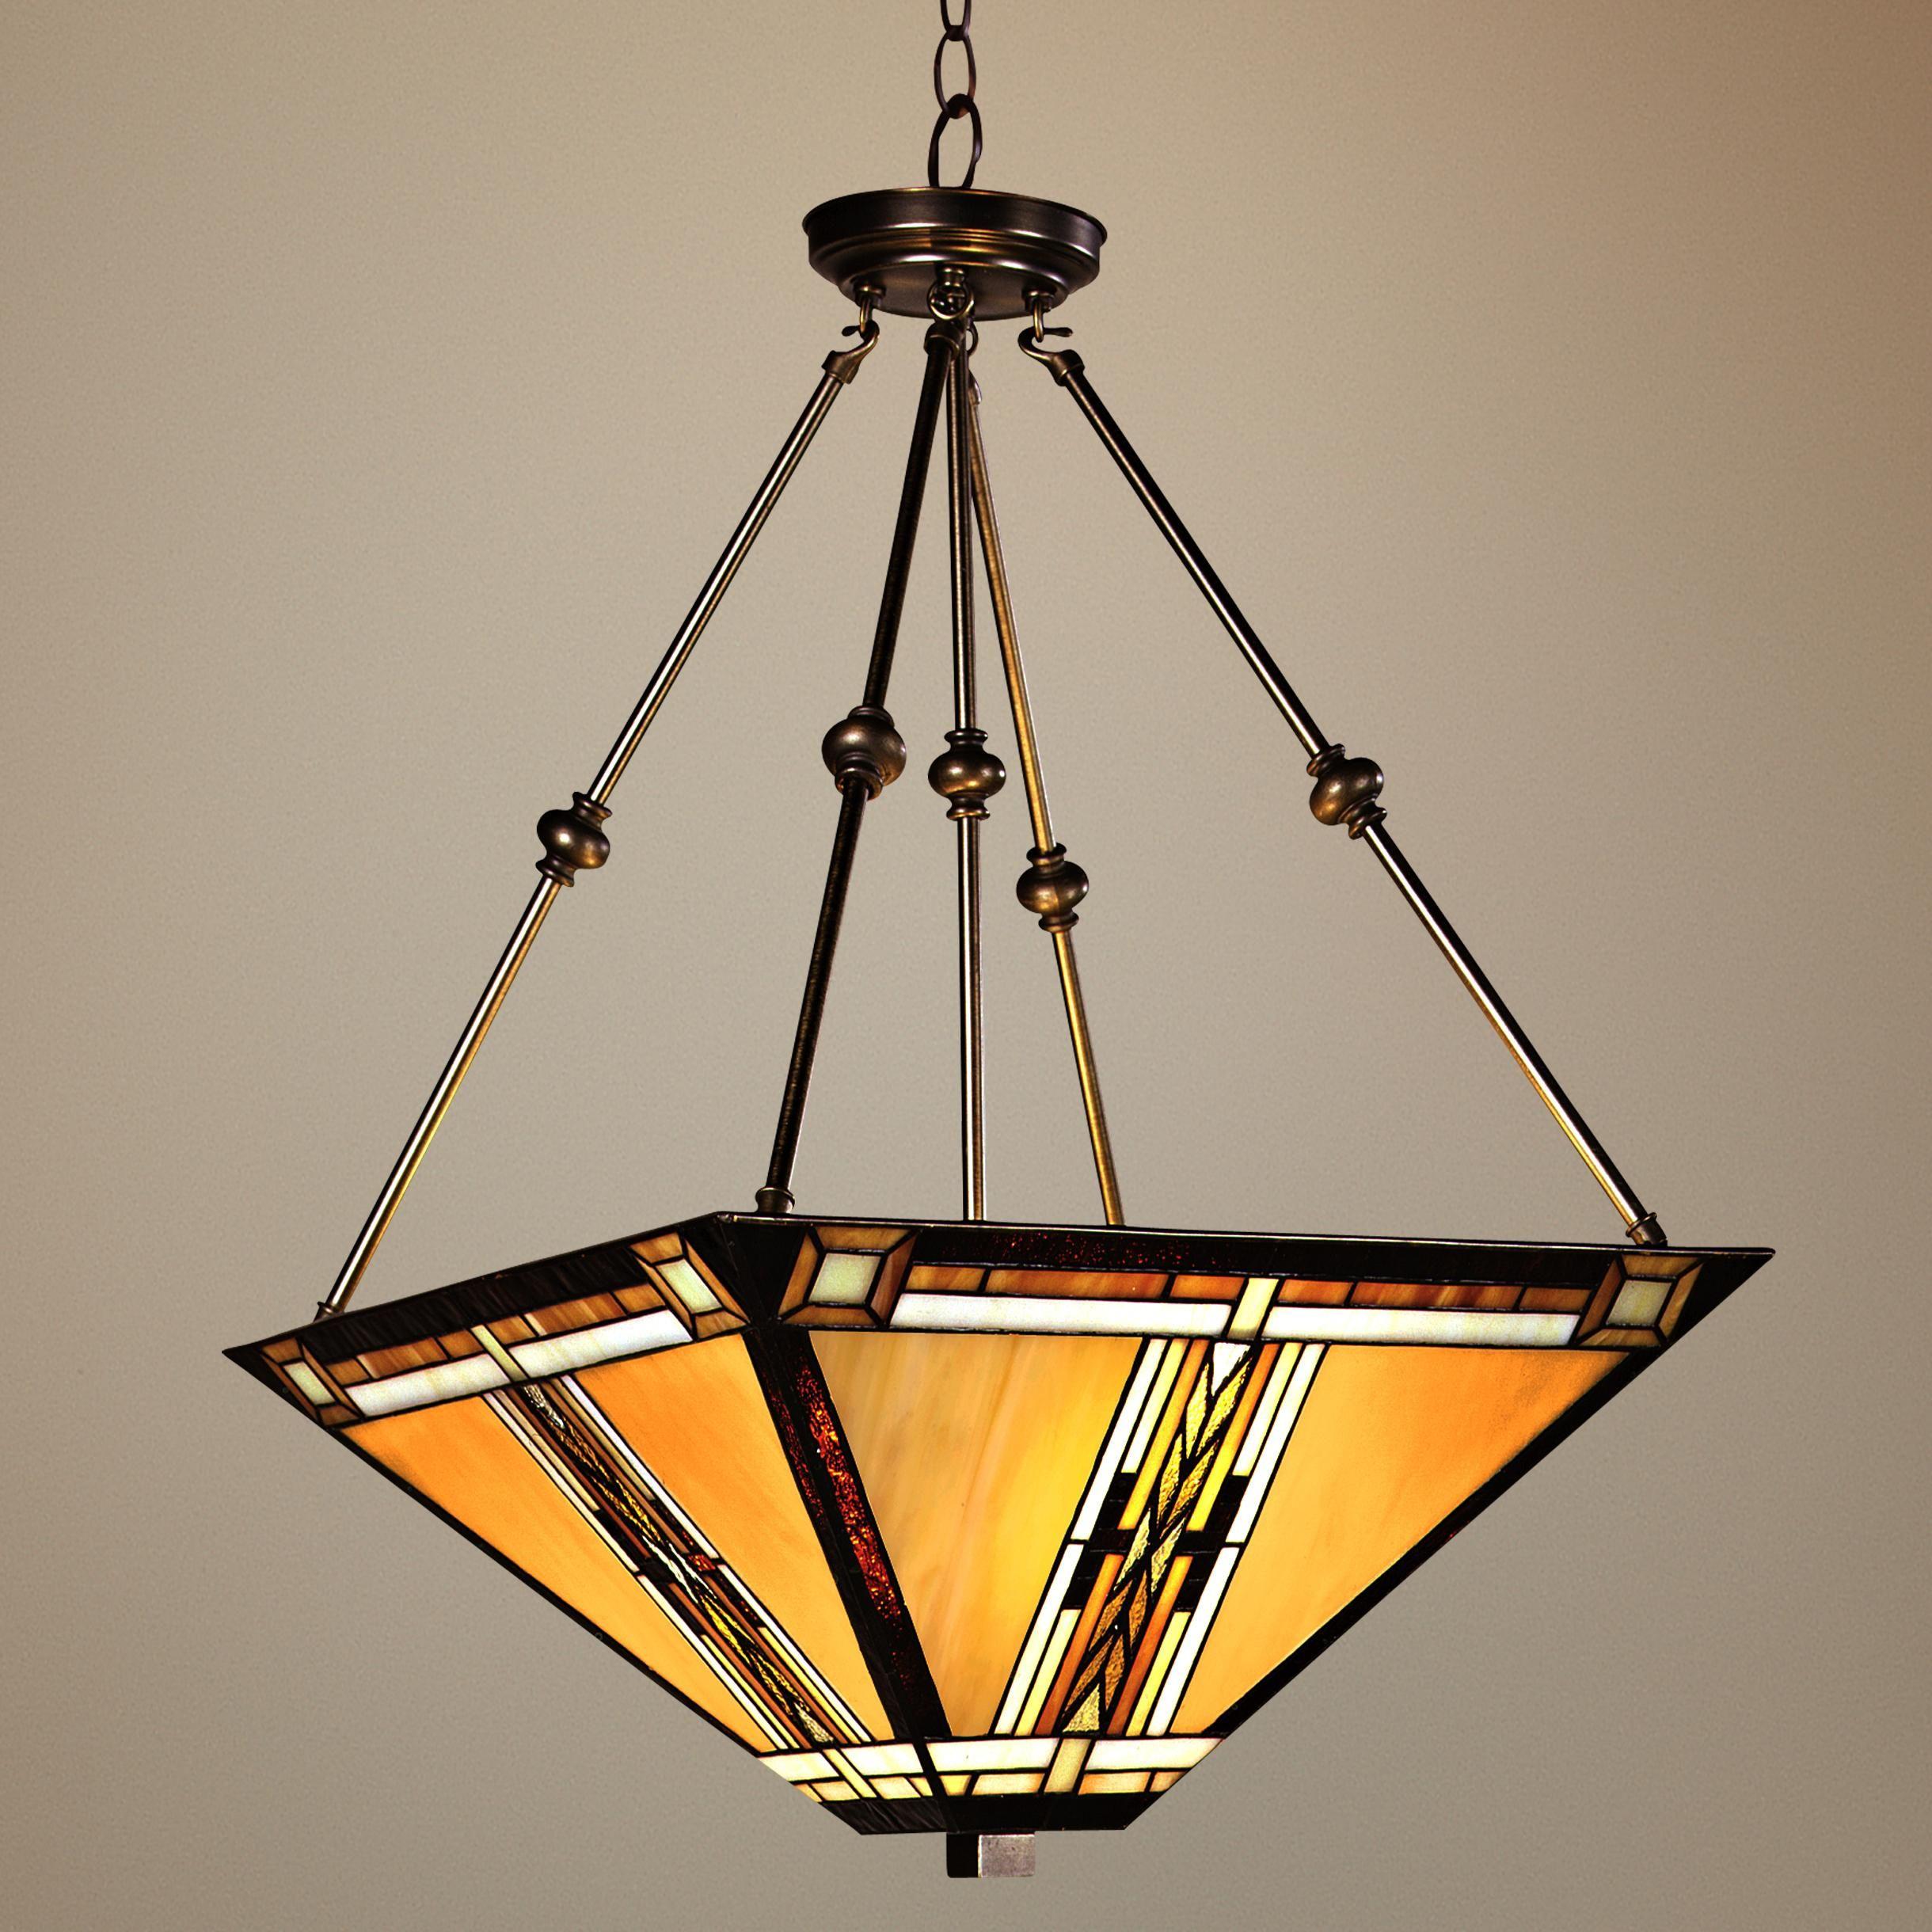 Walnut Mission Style Pendant Chandelier 43240 Lamps Plus